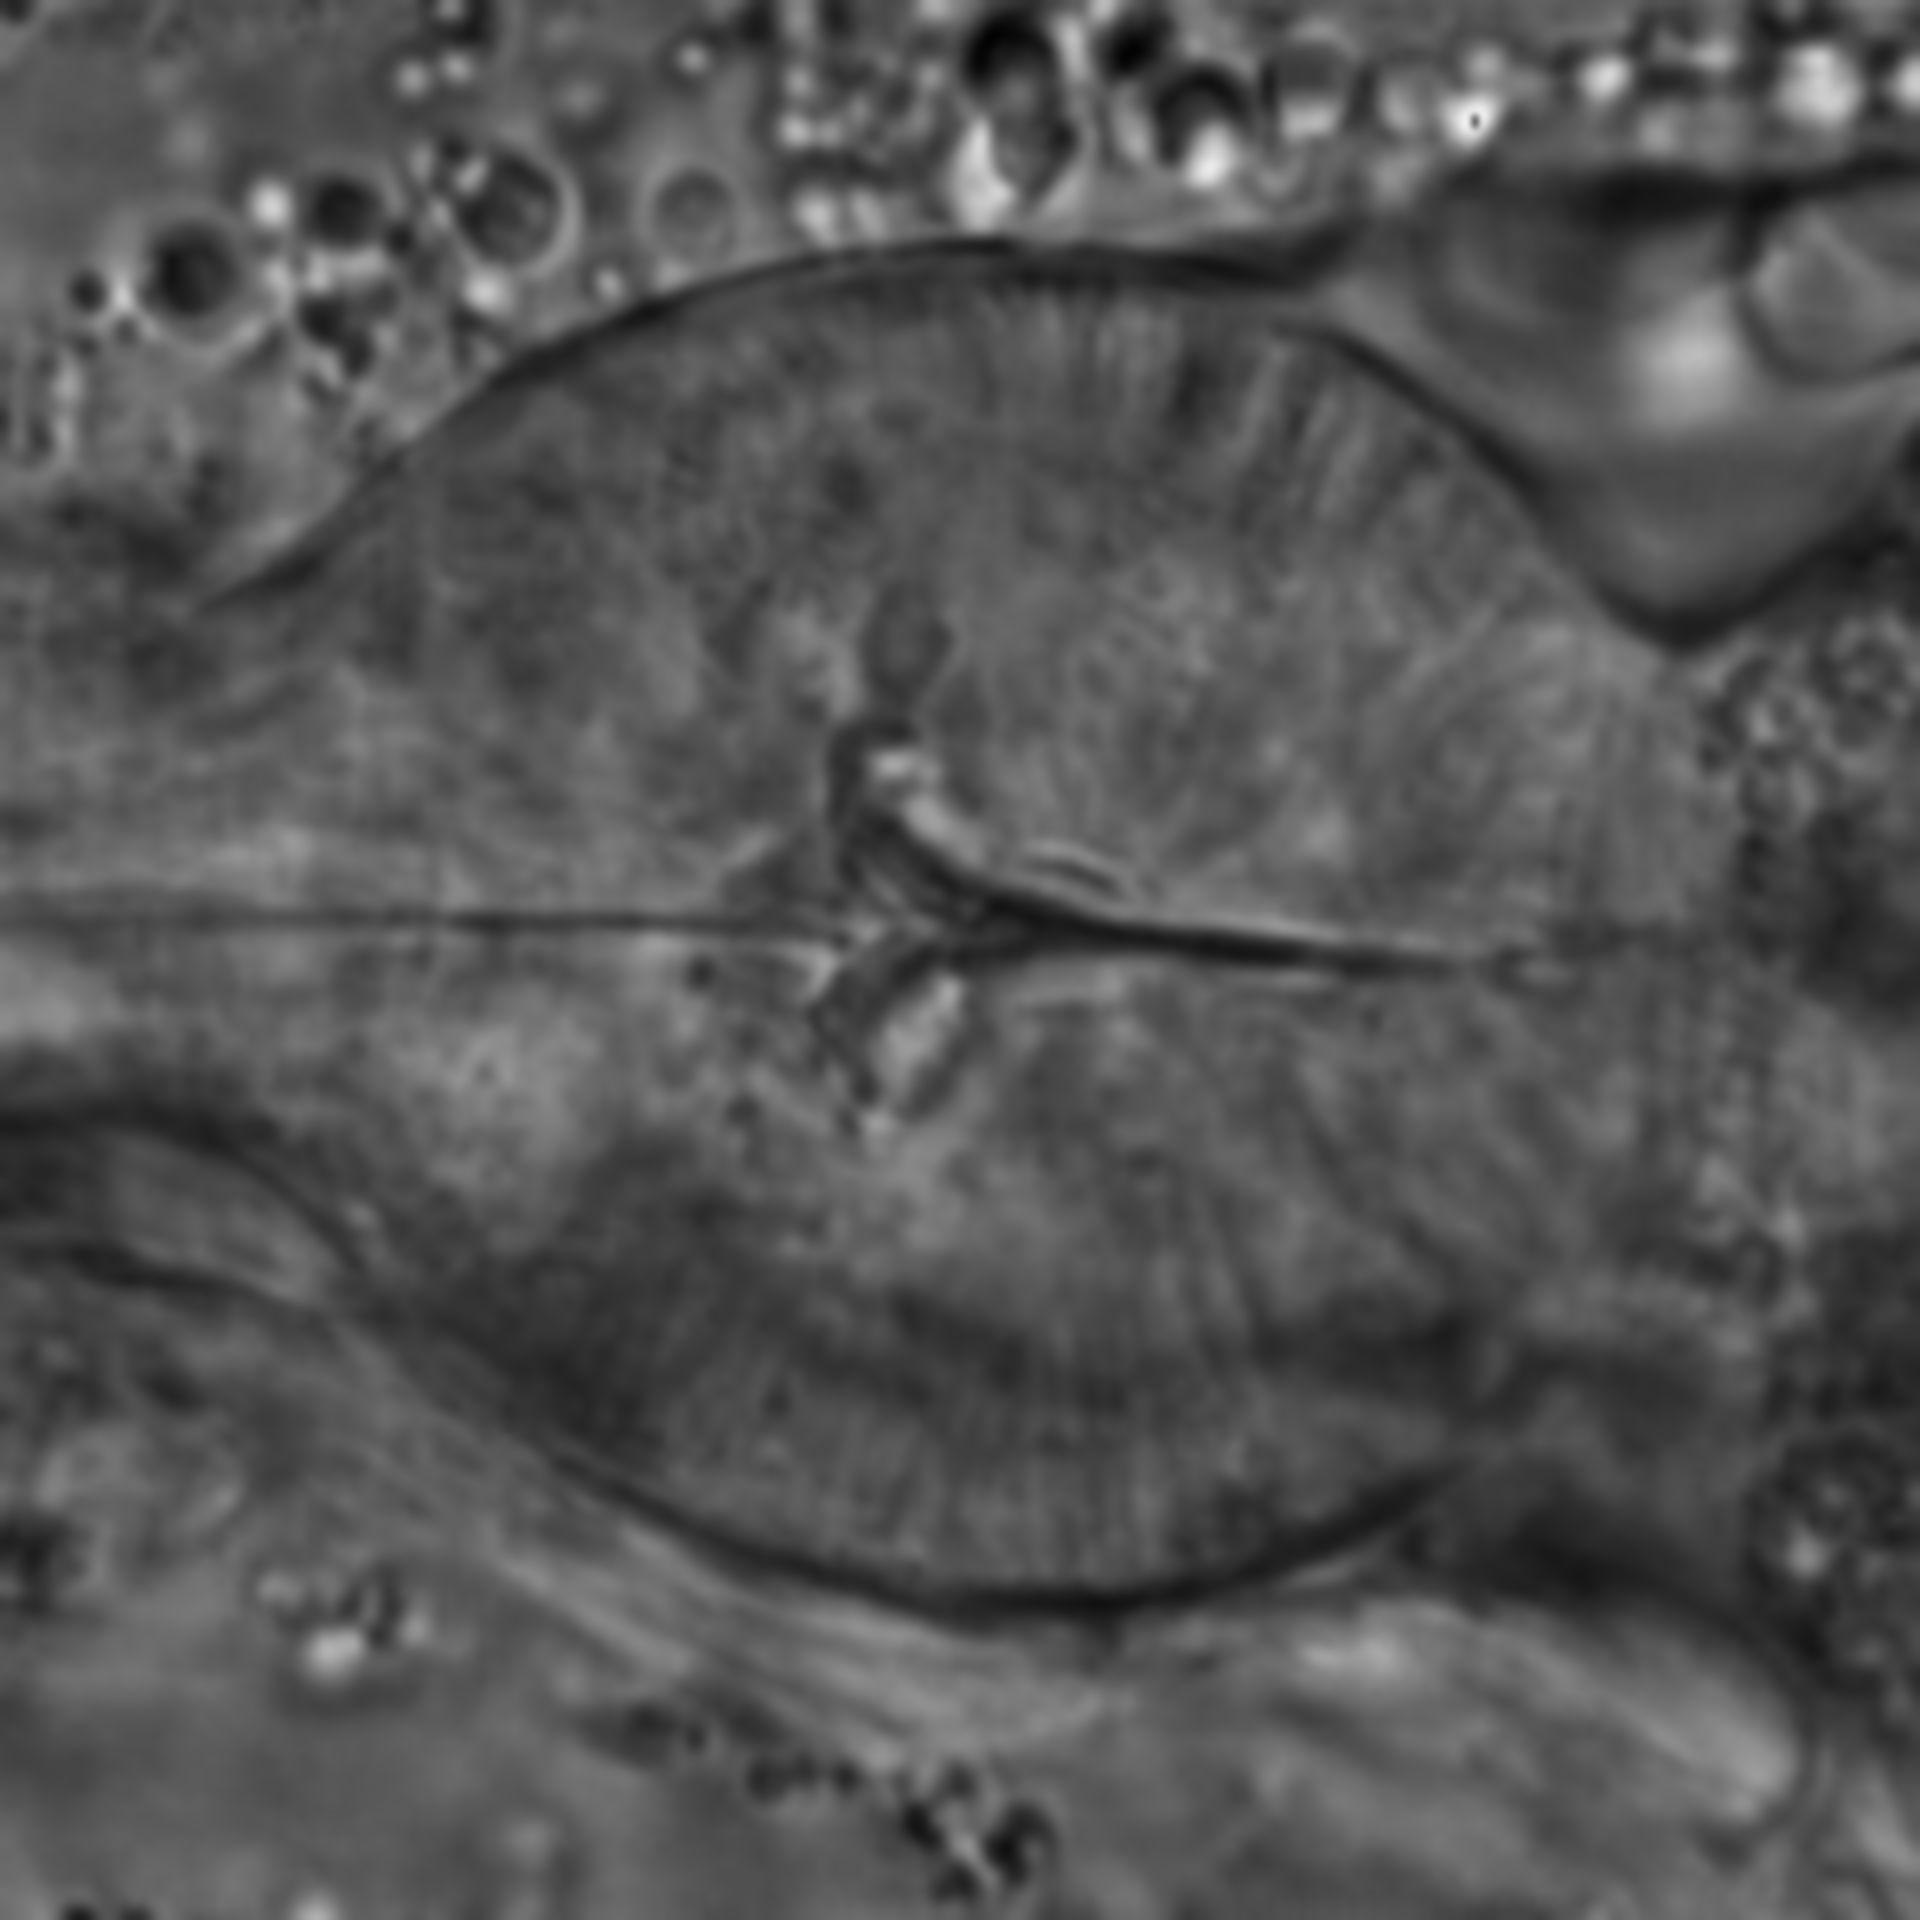 Caenorhabditis elegans - CIL:1708